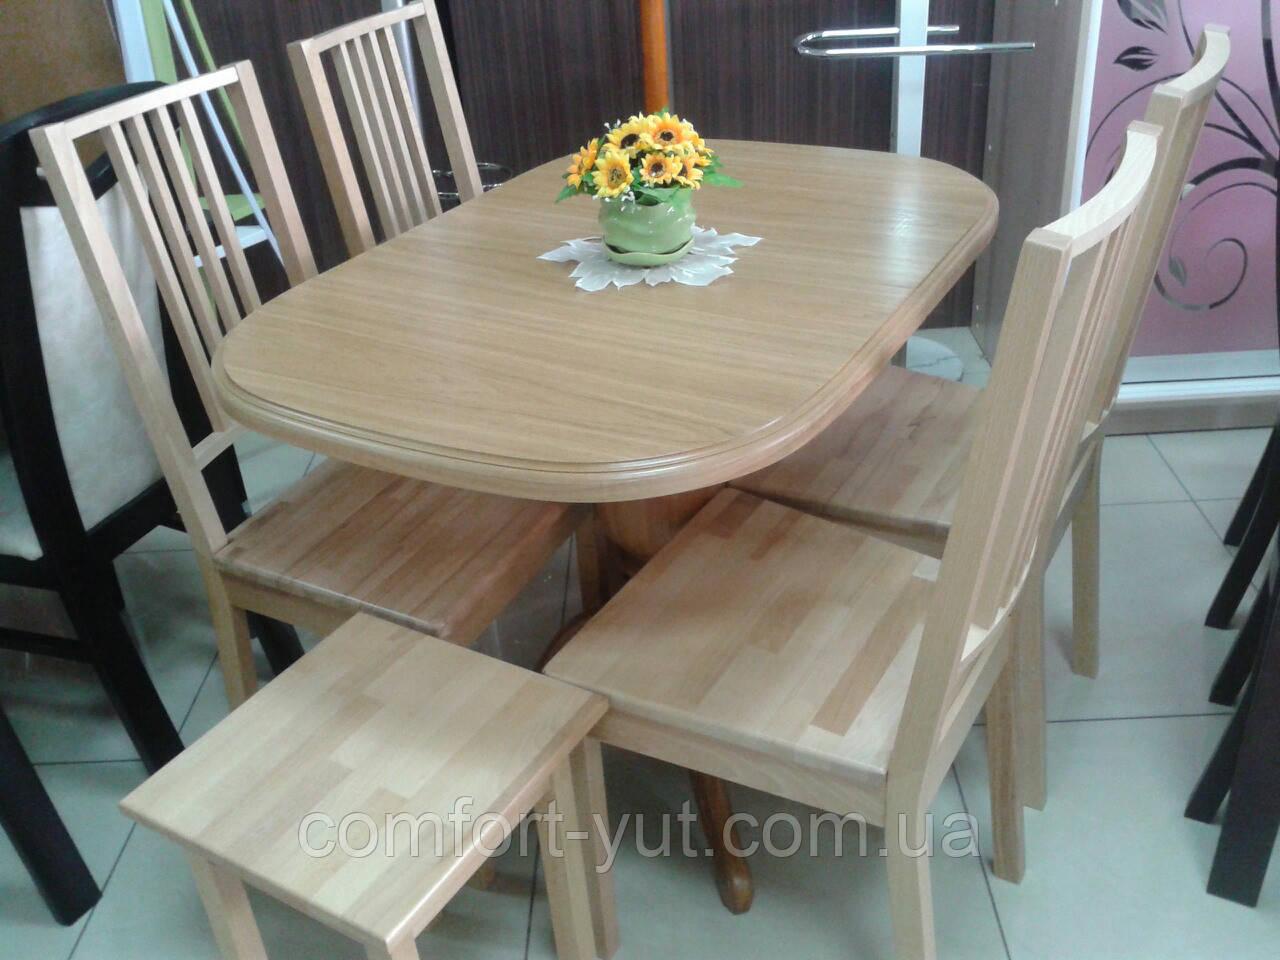 Стол Эмиль обеденный раскладной деревянный 105(+38)*74 натуральный